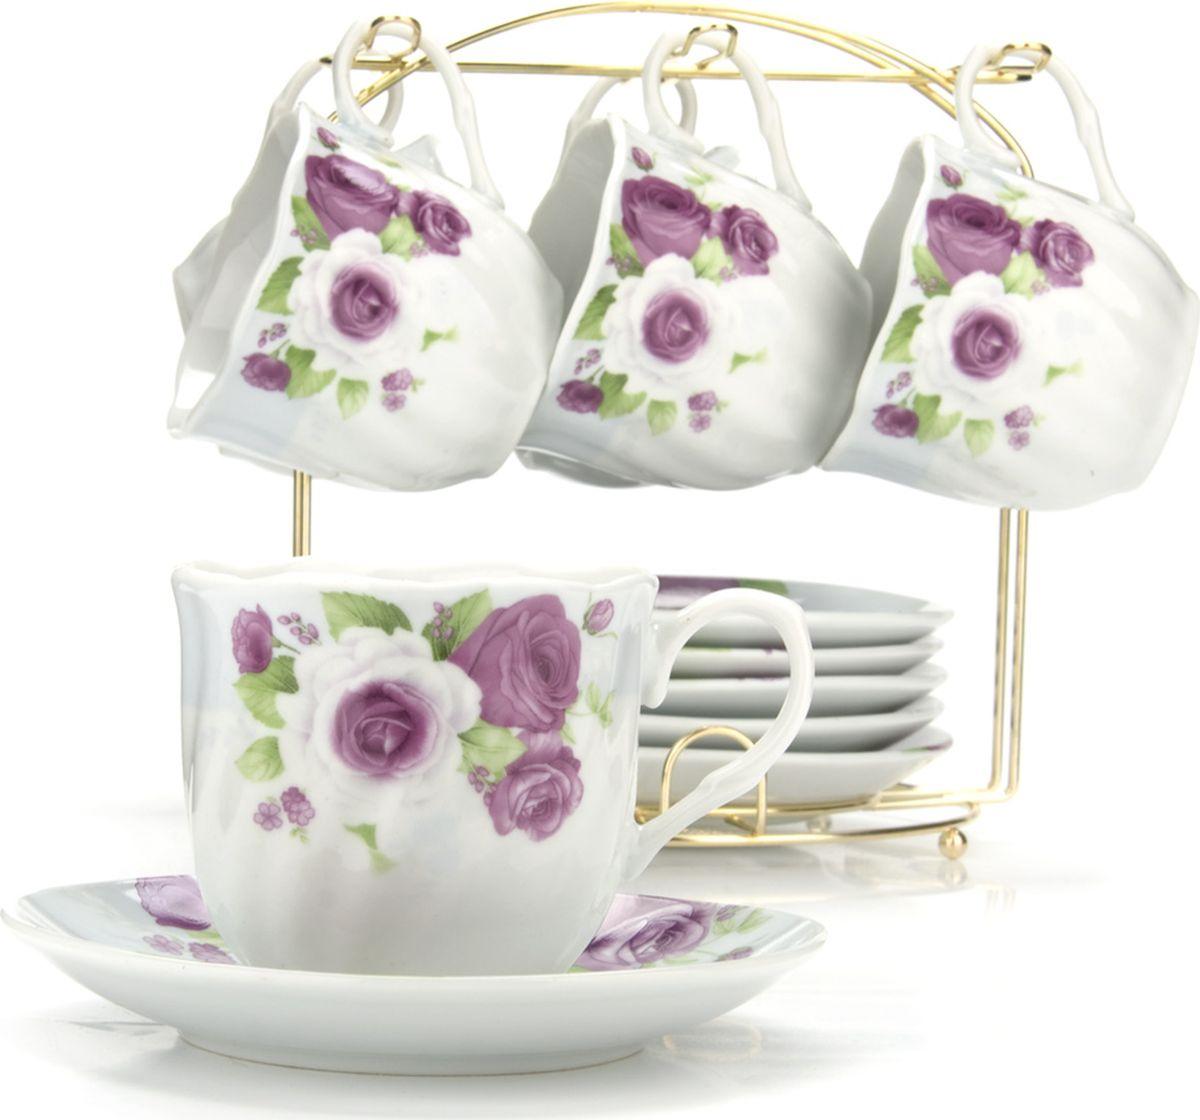 Сервиз чайный Loraine, на подставке, 13 предметов. 43284 сервиз чайный loraine на подставке 13 предметов 43283